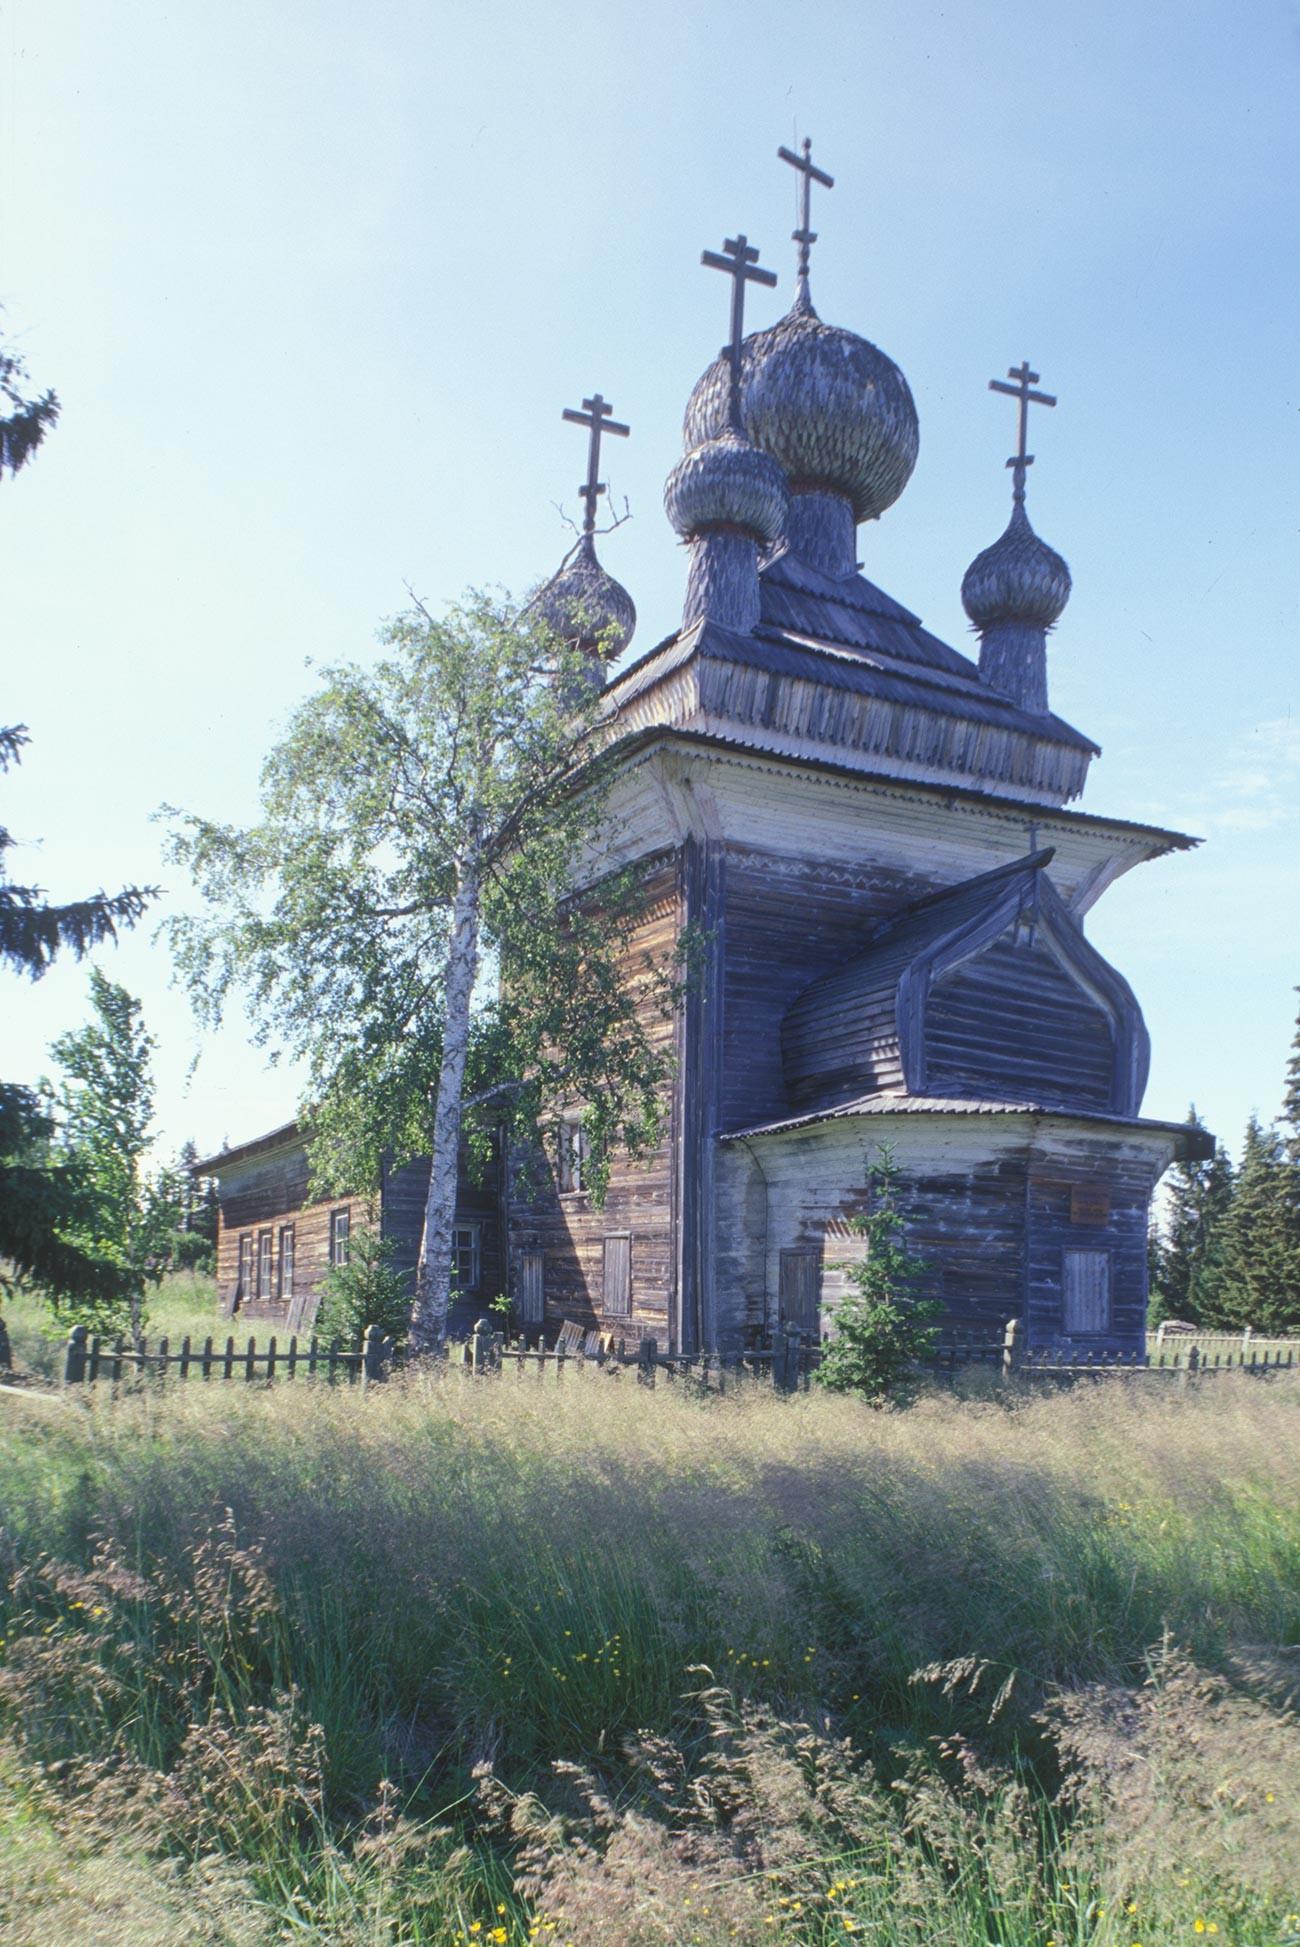 ヴィルマ村。「聖ピョートルと聖パーヴェル教会(聖ペテロと聖パウロ教会)」。南東側。後陣(アプス)の上に、樽のような形をした切妻がある。2000年7月7日。